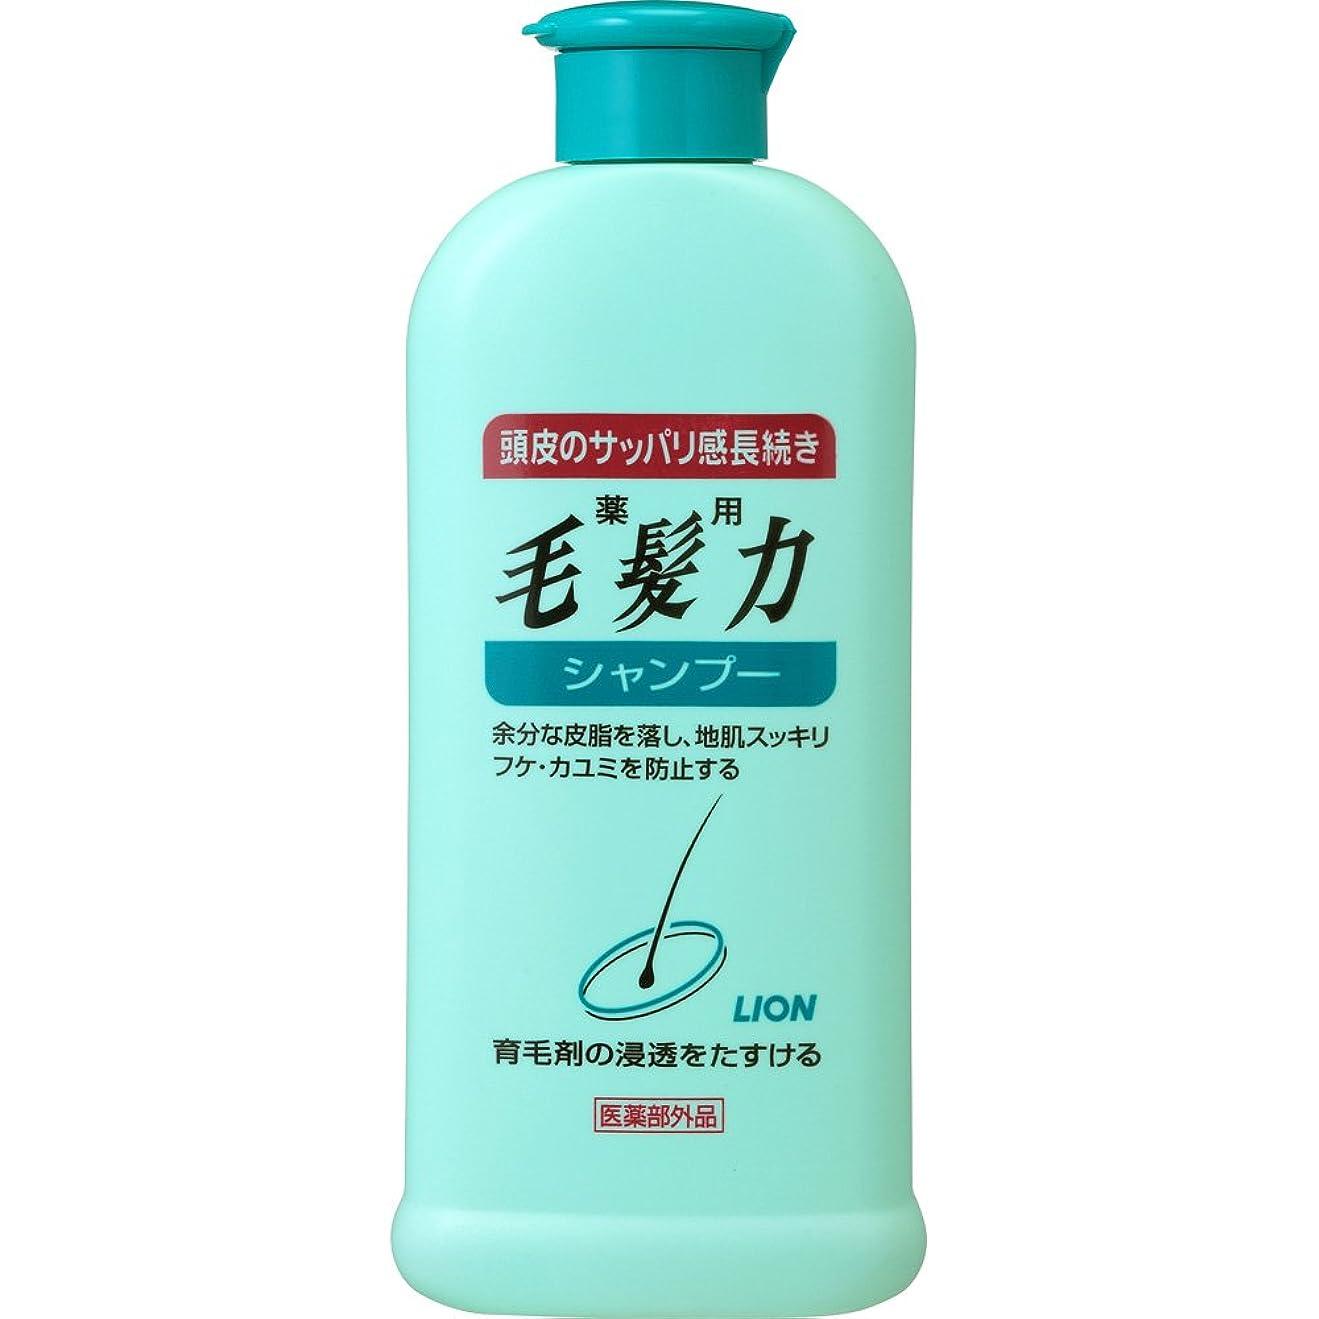 する必要がある発見マオリ薬用毛髪力 シャンプー 200ml(医薬部外品)